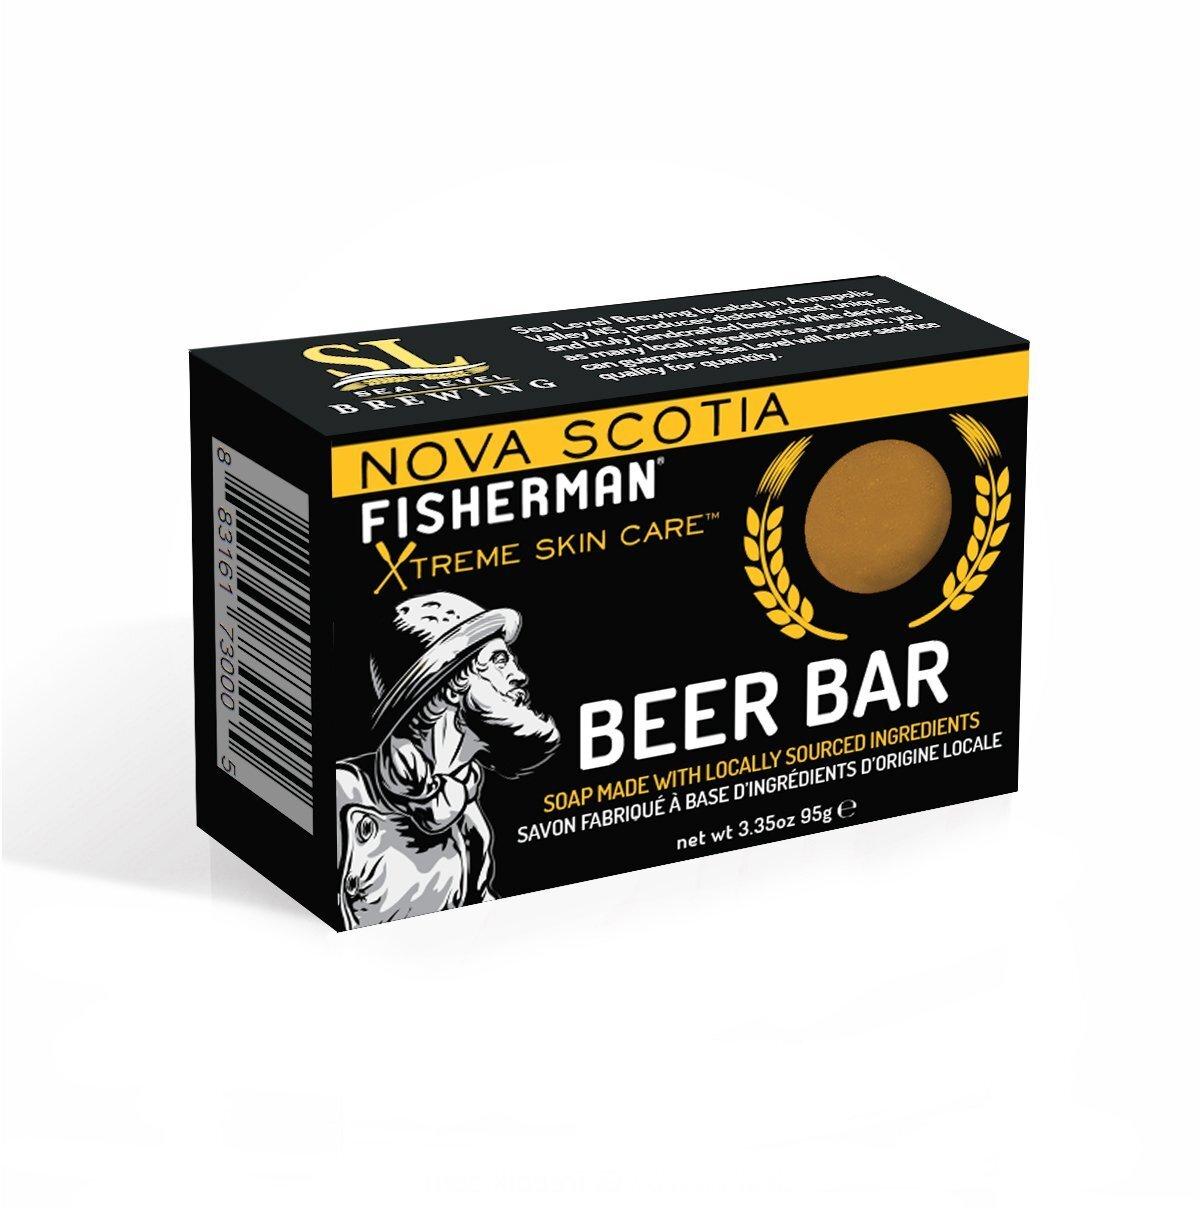 NOVA SCOTIA FISHERMAN(ノバスコシアフィッシャーマン) SOAP BAR - BEER SOAP ビアソープ